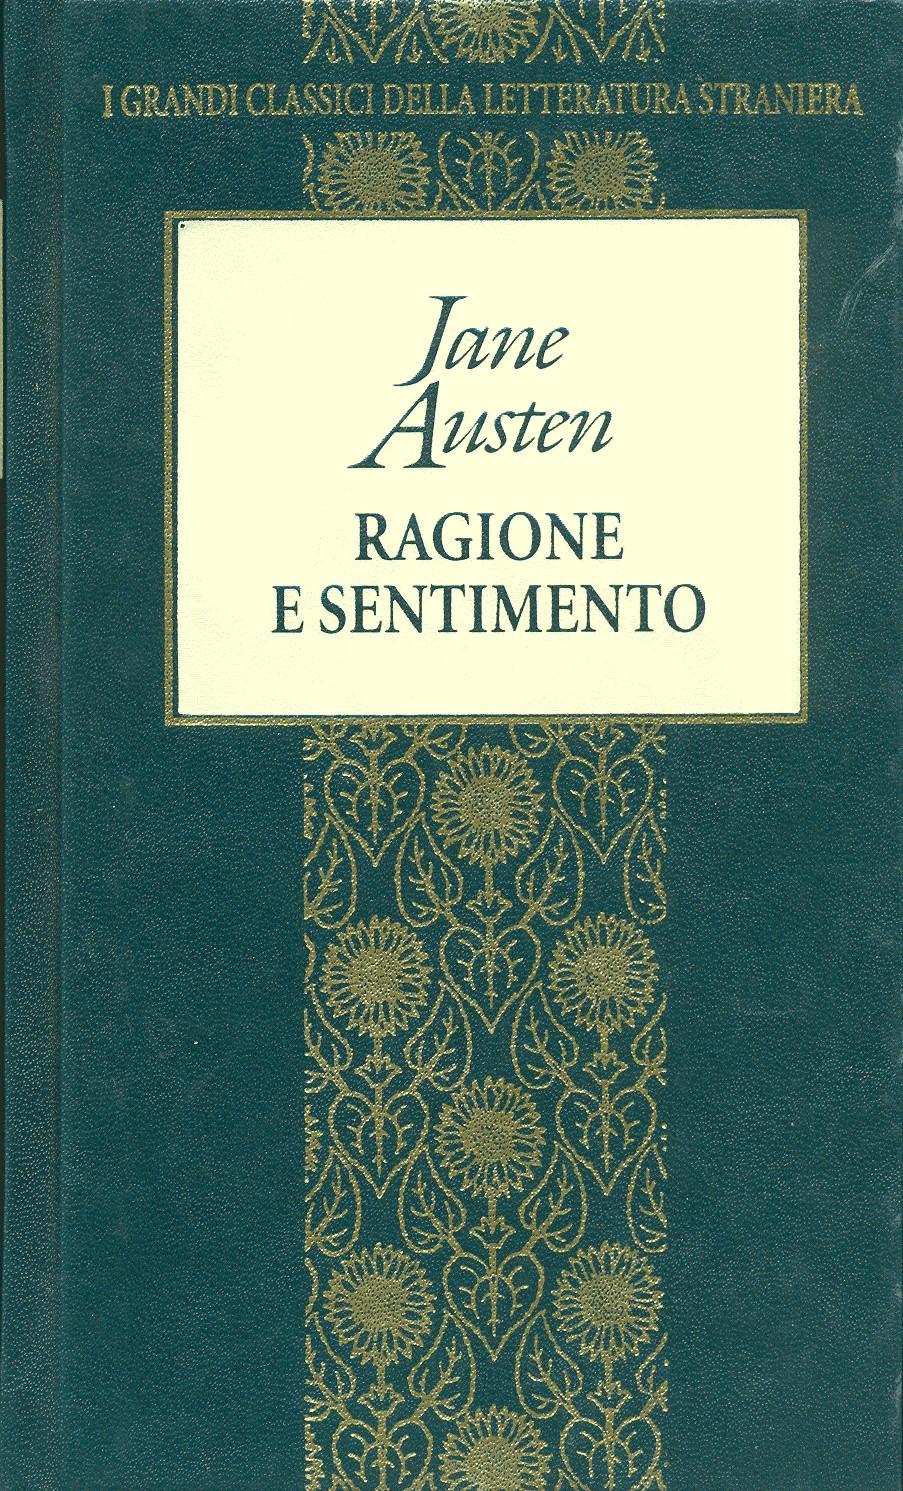 Ragione e sentimento - Jane Austen - Anobii